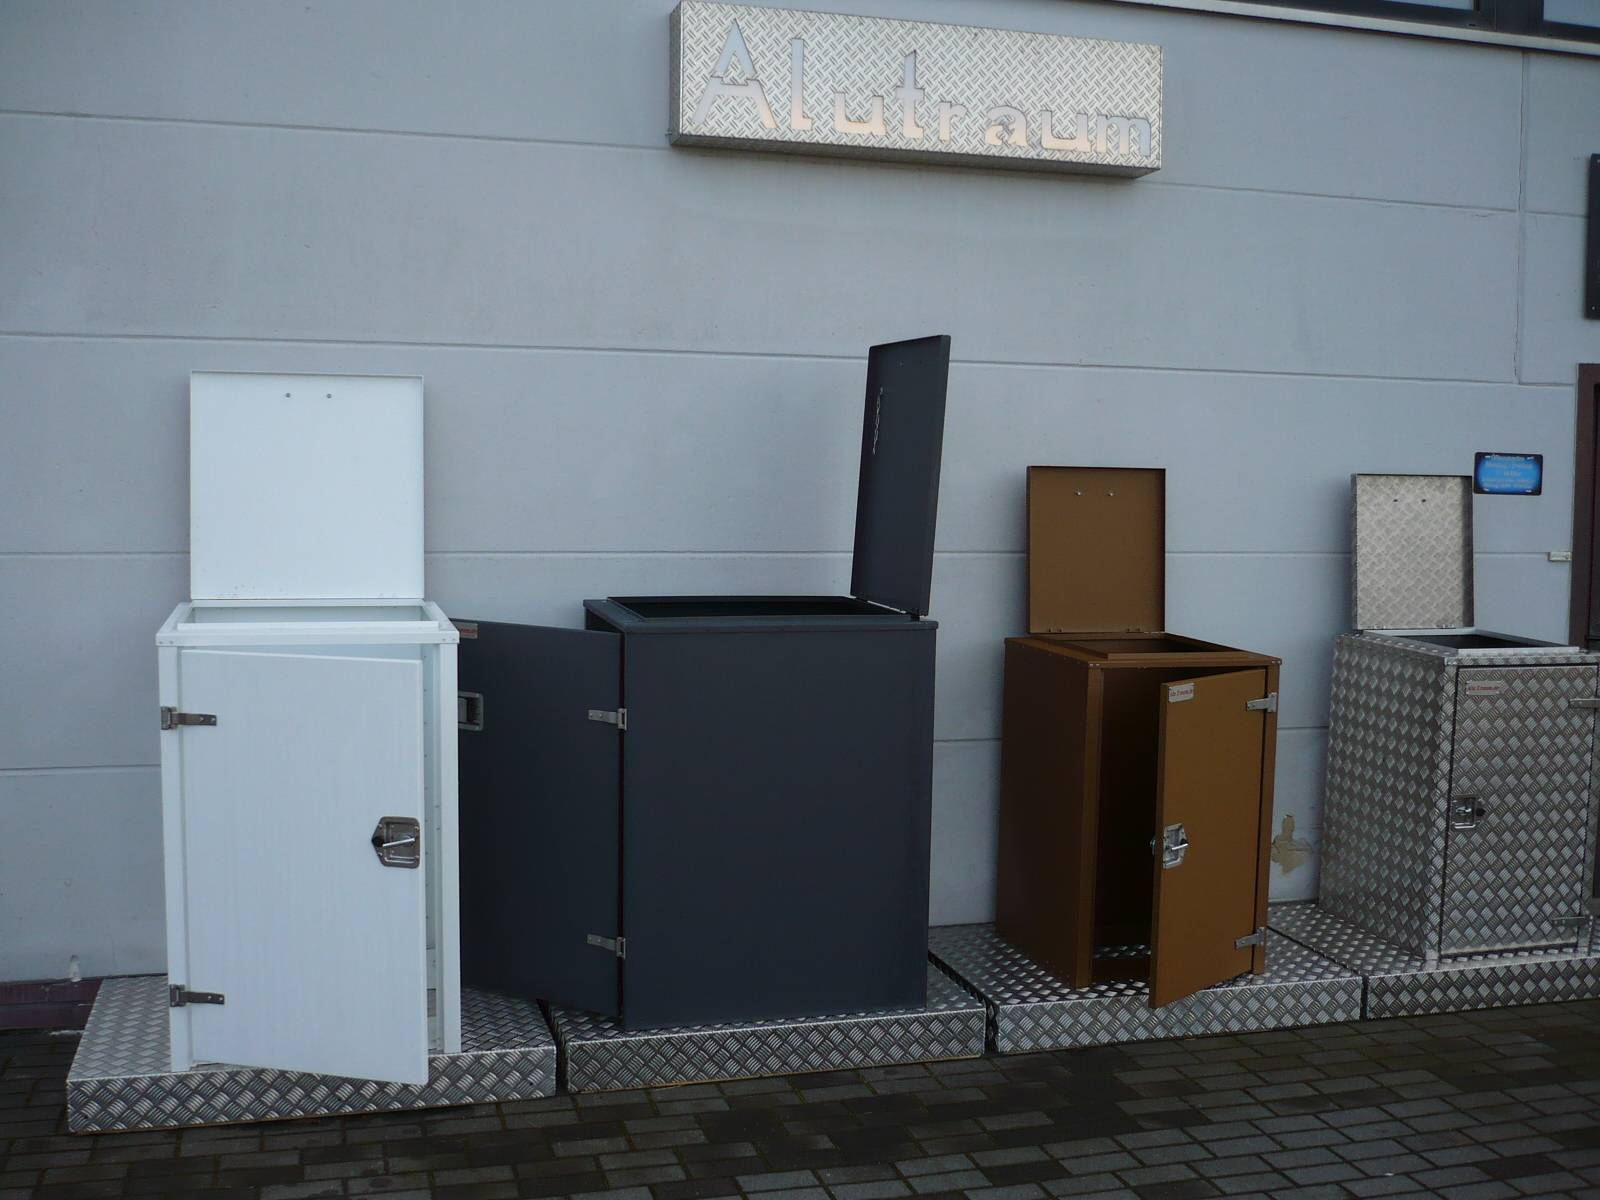 Alutraum_Tonnenbox-16